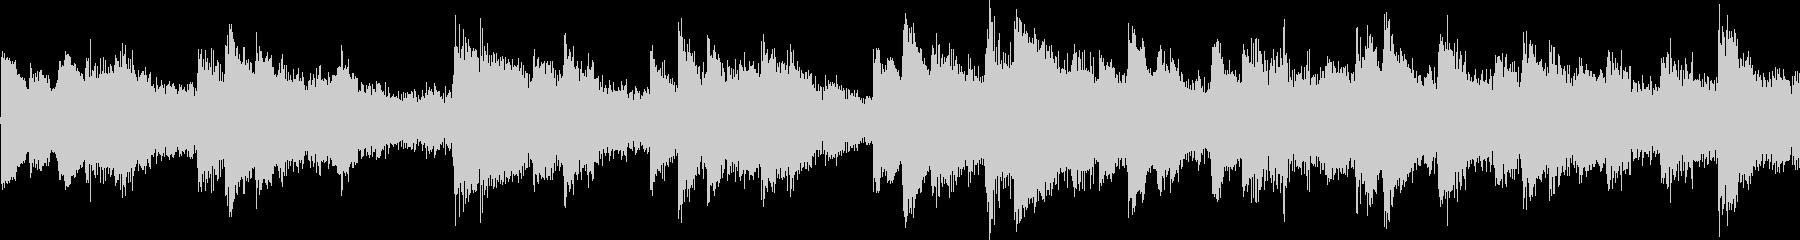 ピアノとストリングスの悲しいBGMループの未再生の波形